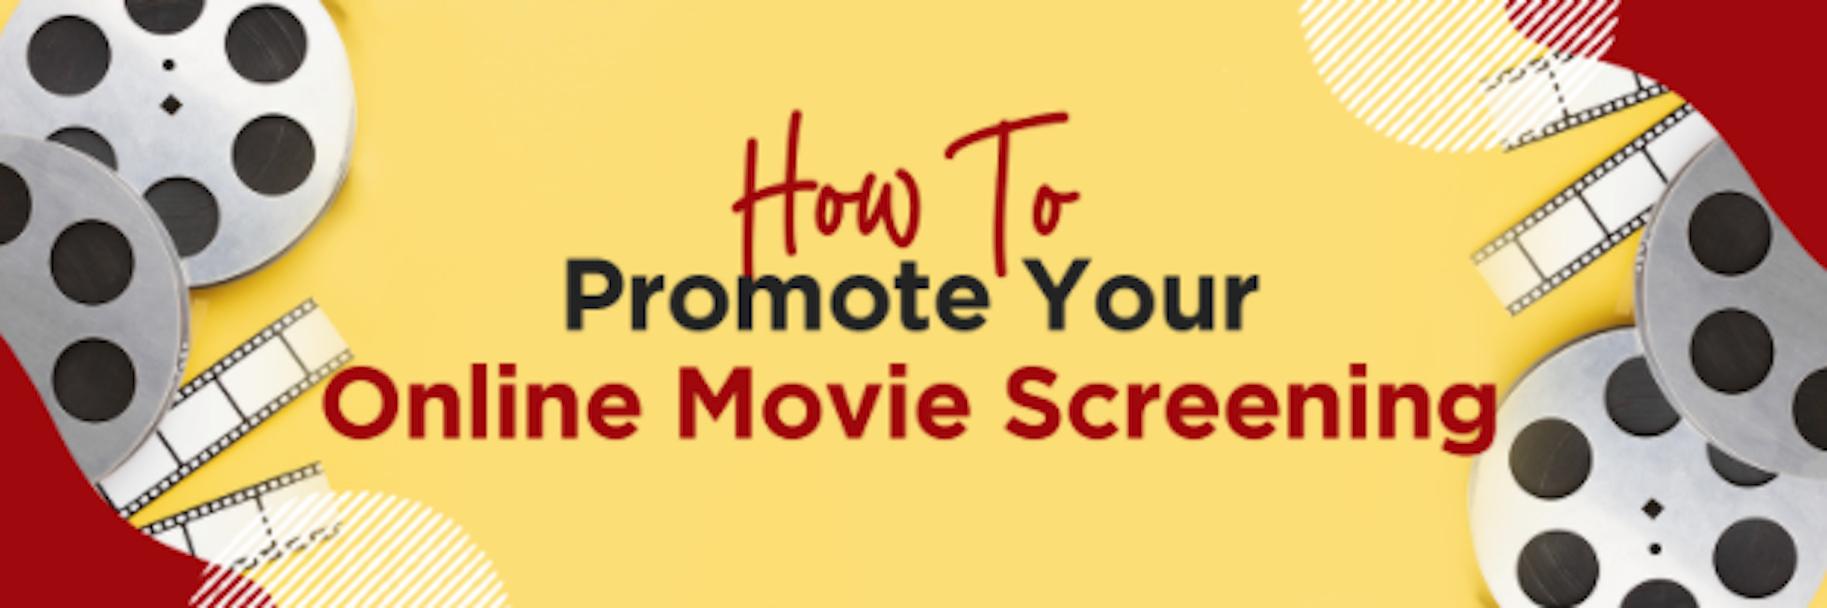 online movie screening